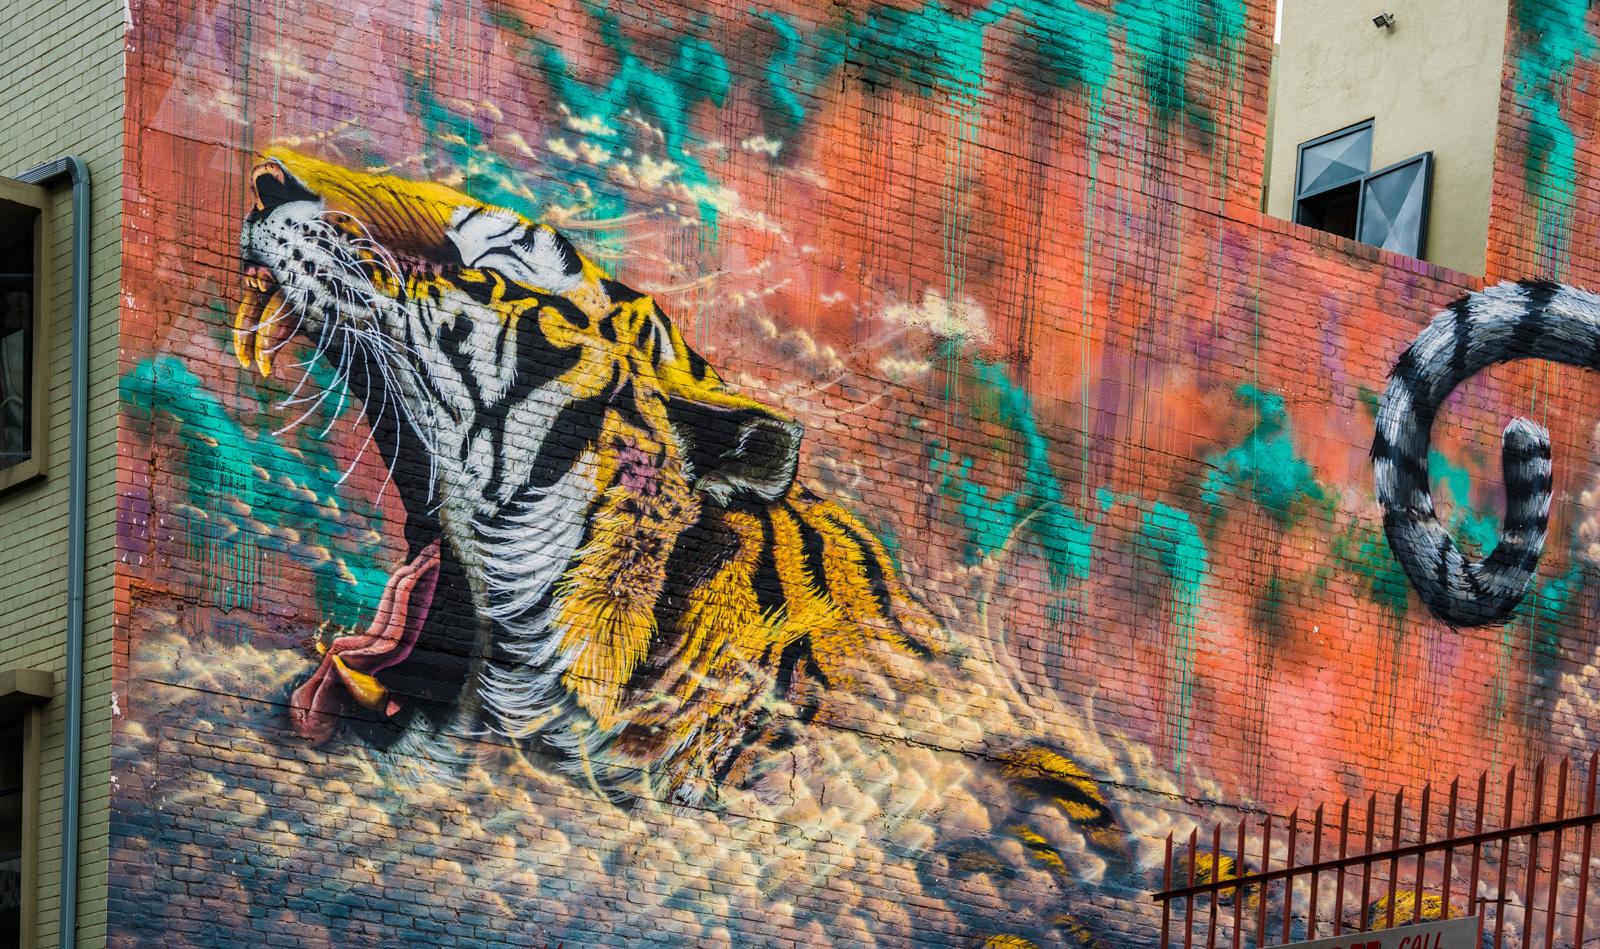 street-art-tiger-maboneng-johannesburg